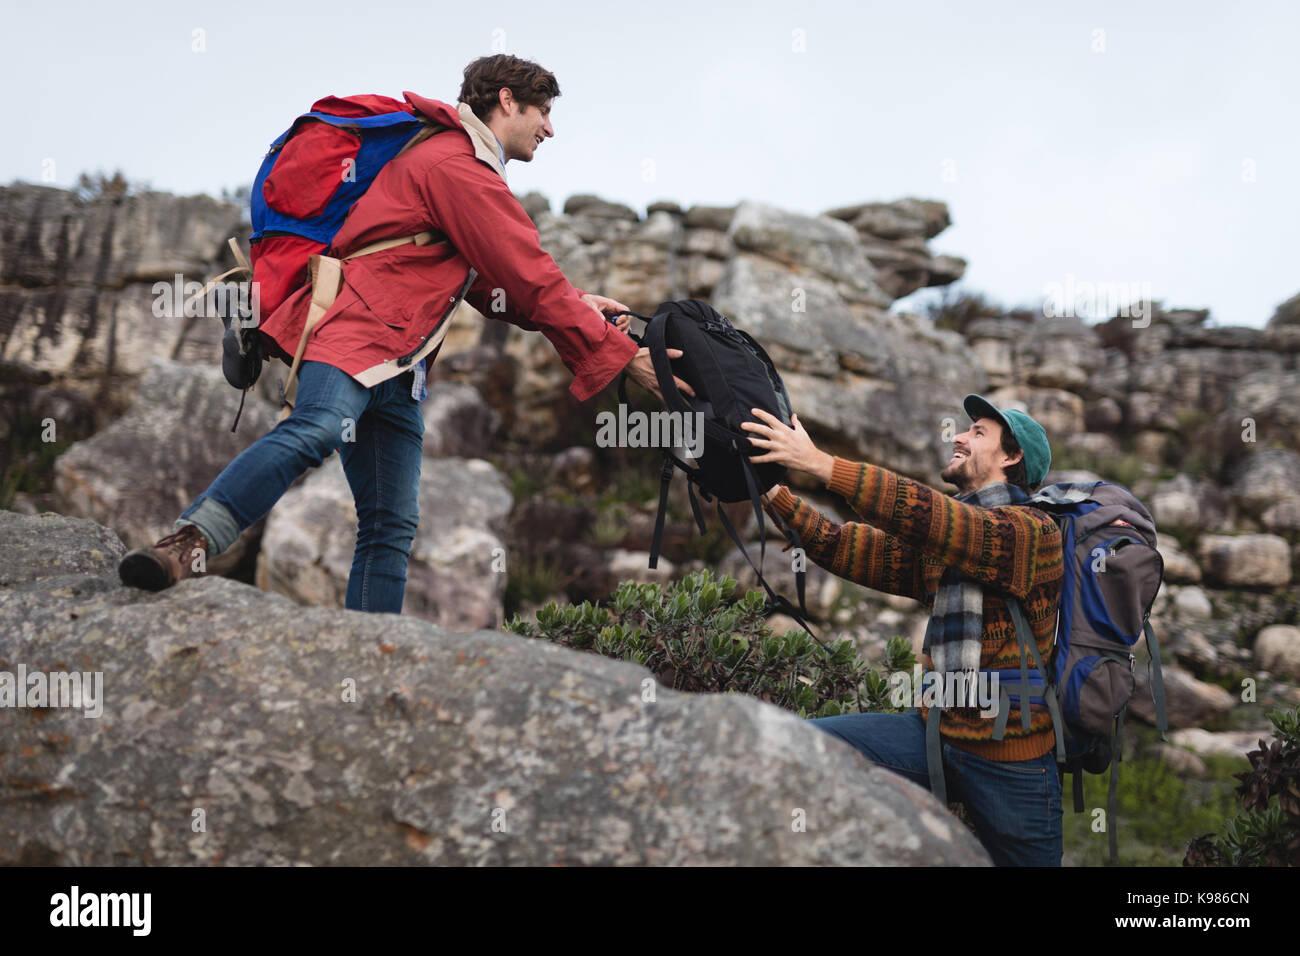 Mann, die Tasche an seinen Freund an einem sonnigen Tag Stockbild